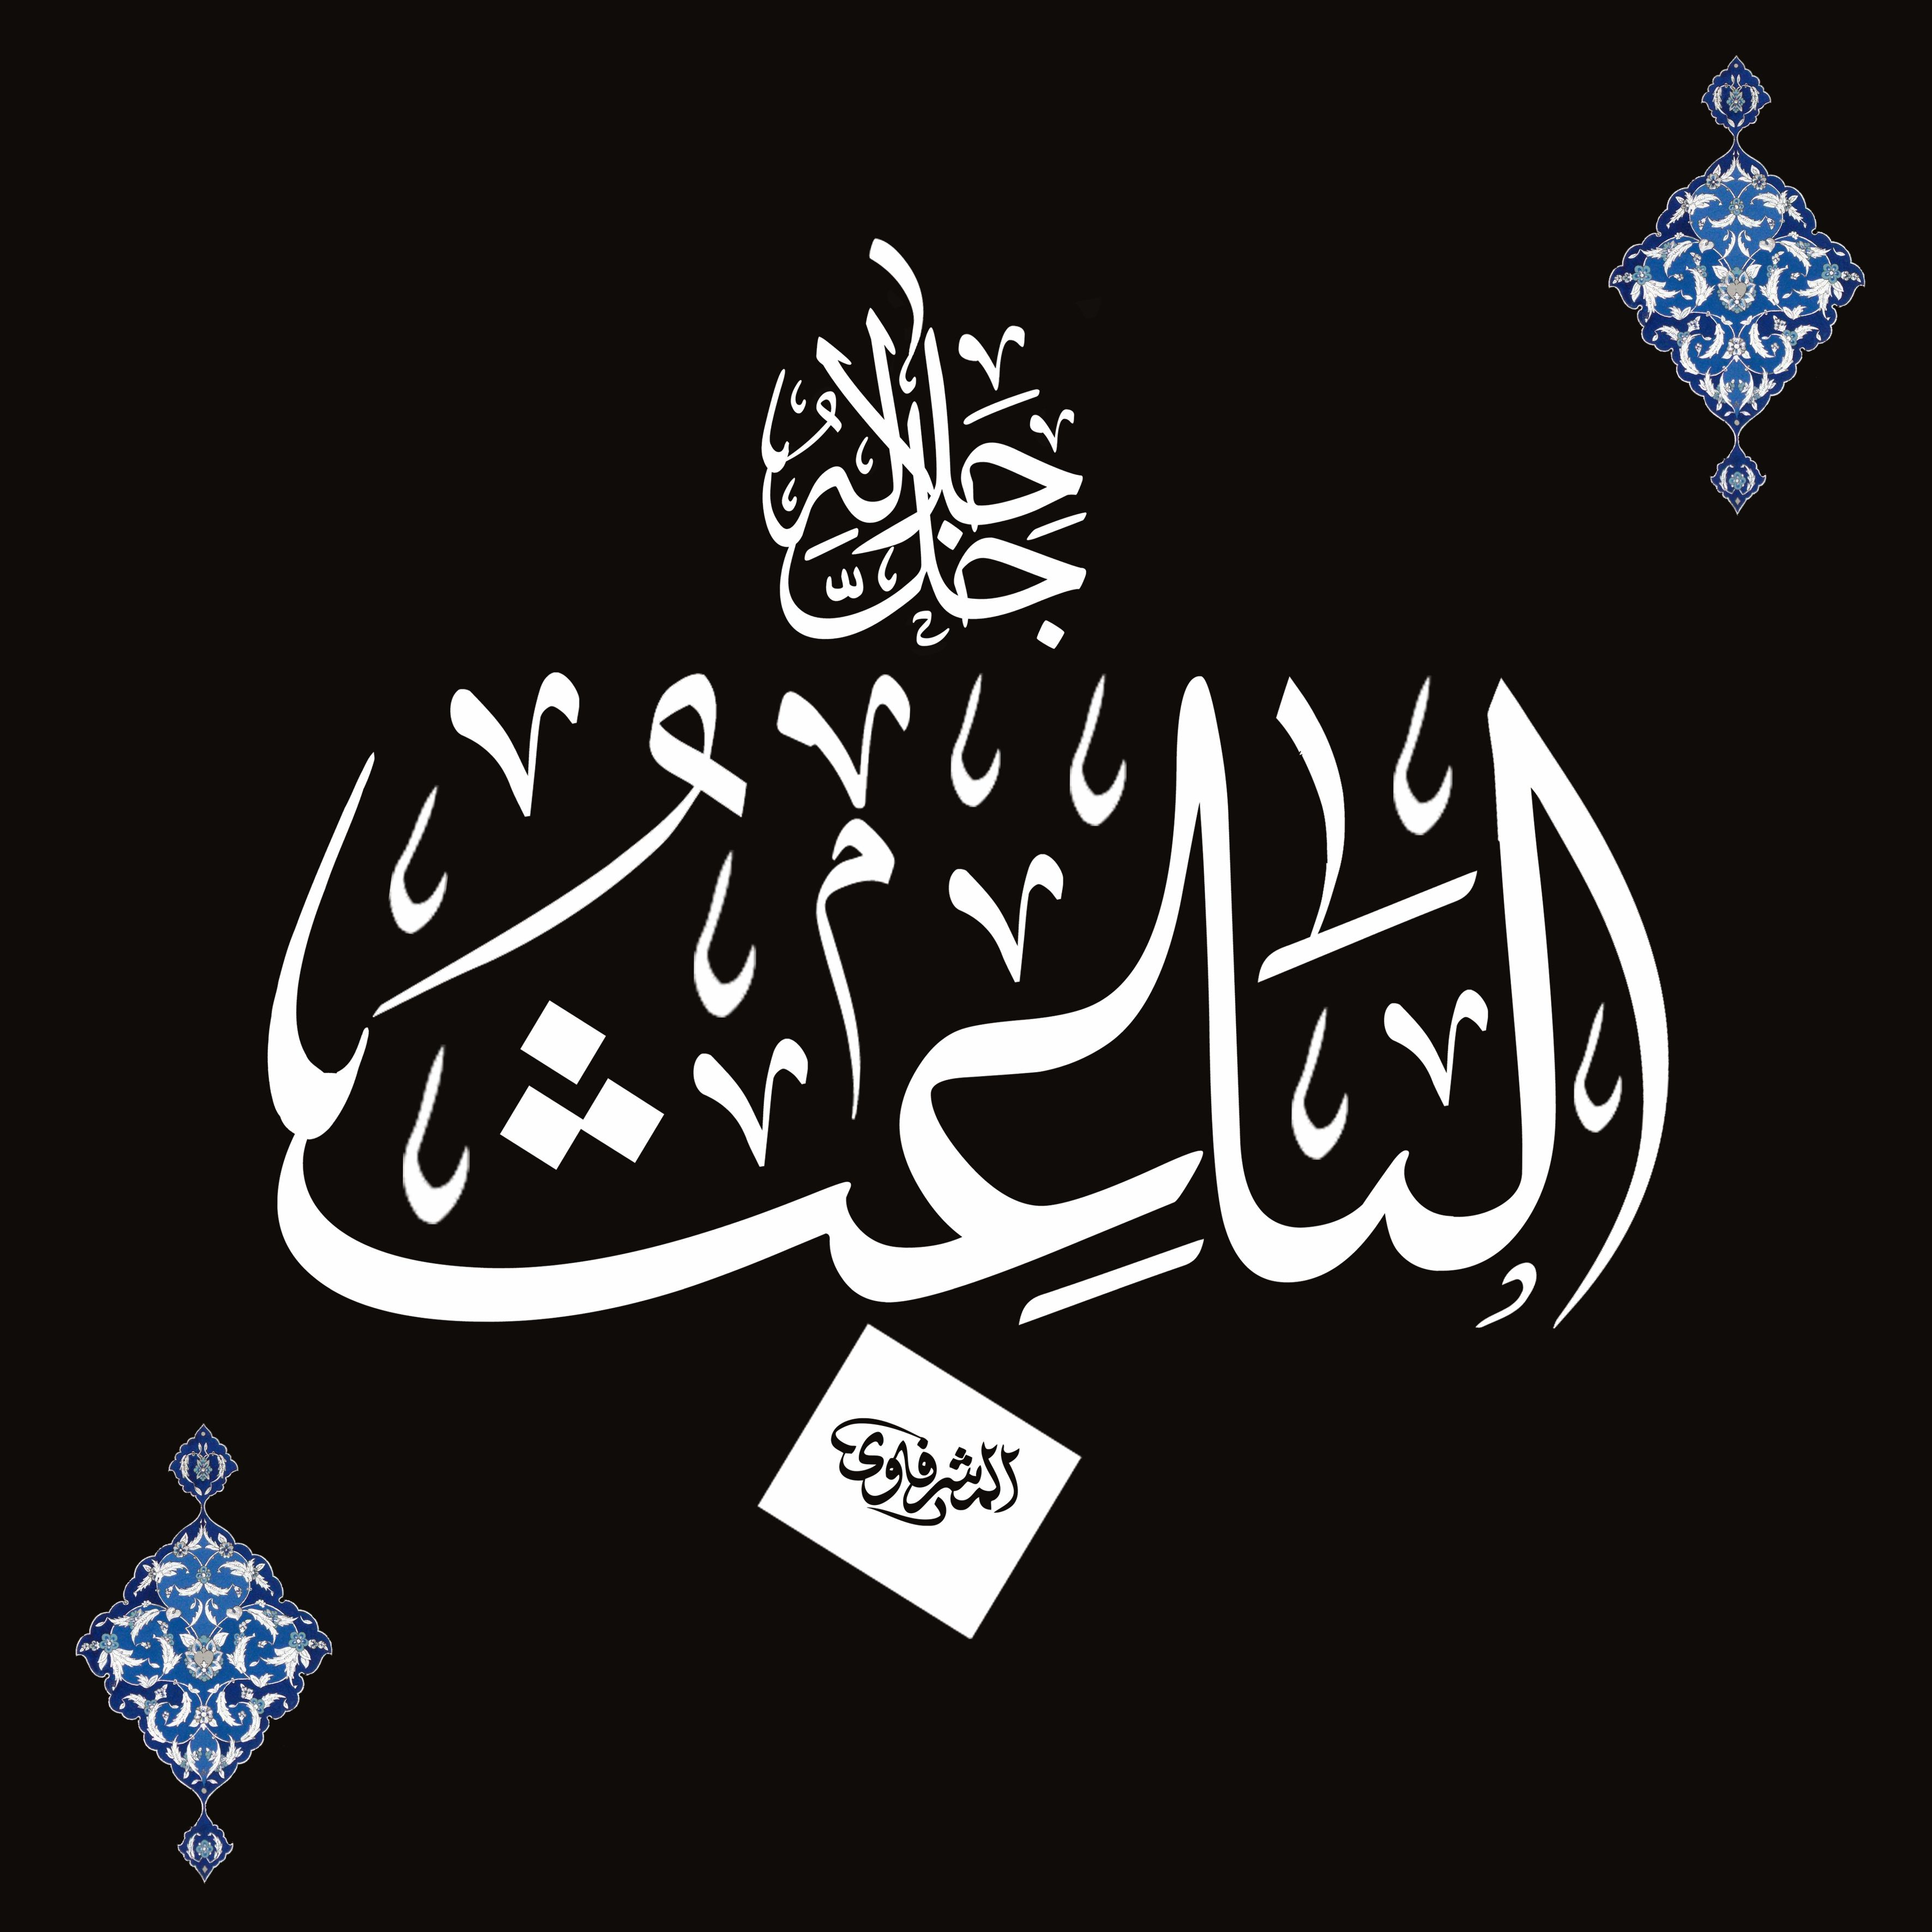 اسم الله جل جلاله الباعث الخطاط محمد الحسني المشرفاوي غفر الله له ولكافة المؤمنين Arabic Art Calligraphy Arabic Calligraphy